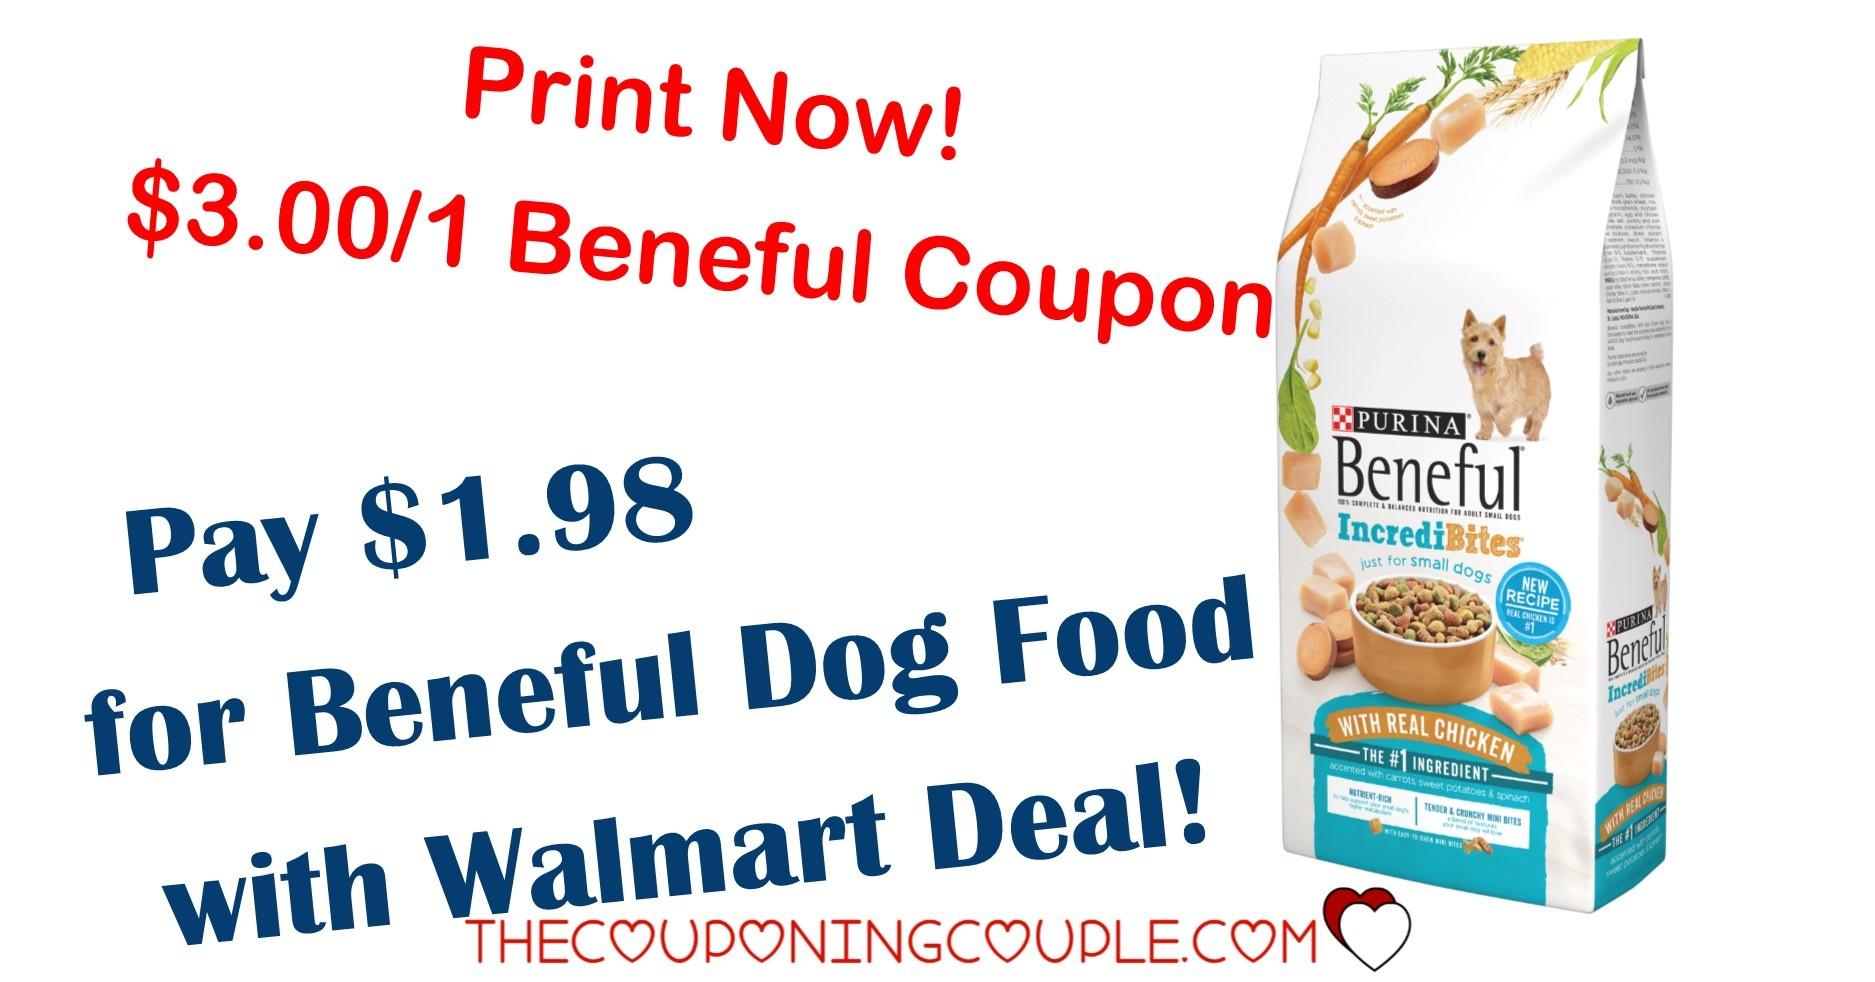 Free Printable Food Coupons For Walmart / Samurai Steakhouse Coupons - Free Printable Food Coupons For Walmart